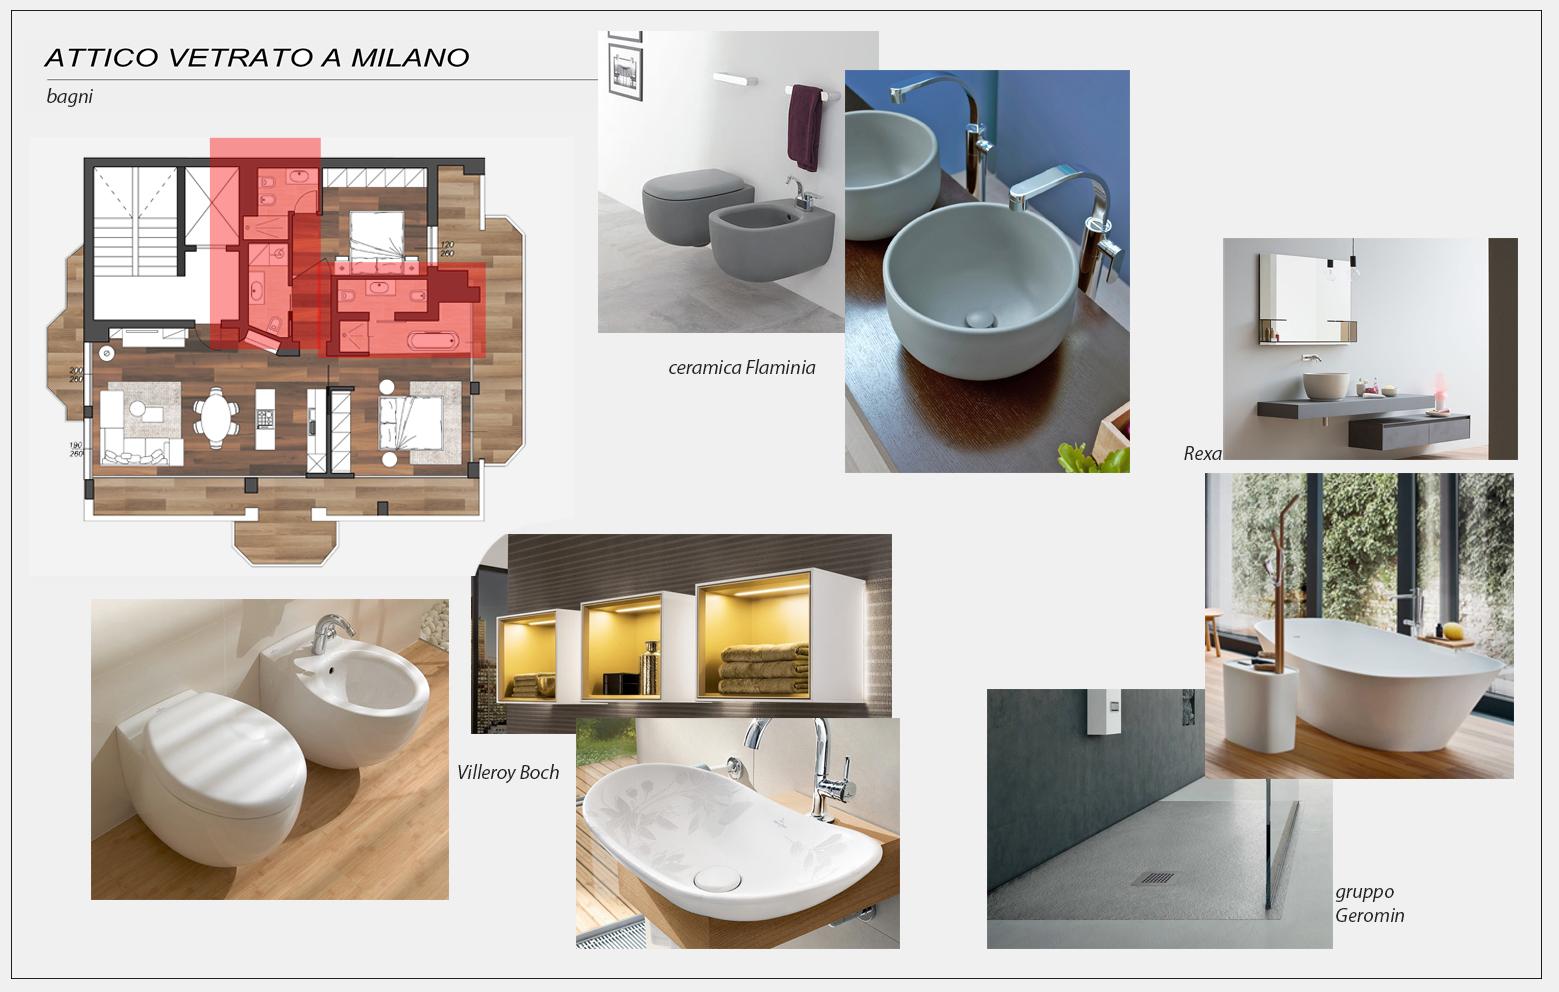 Arredamento e dintorni progetto arredamento attico for Arredamento attico